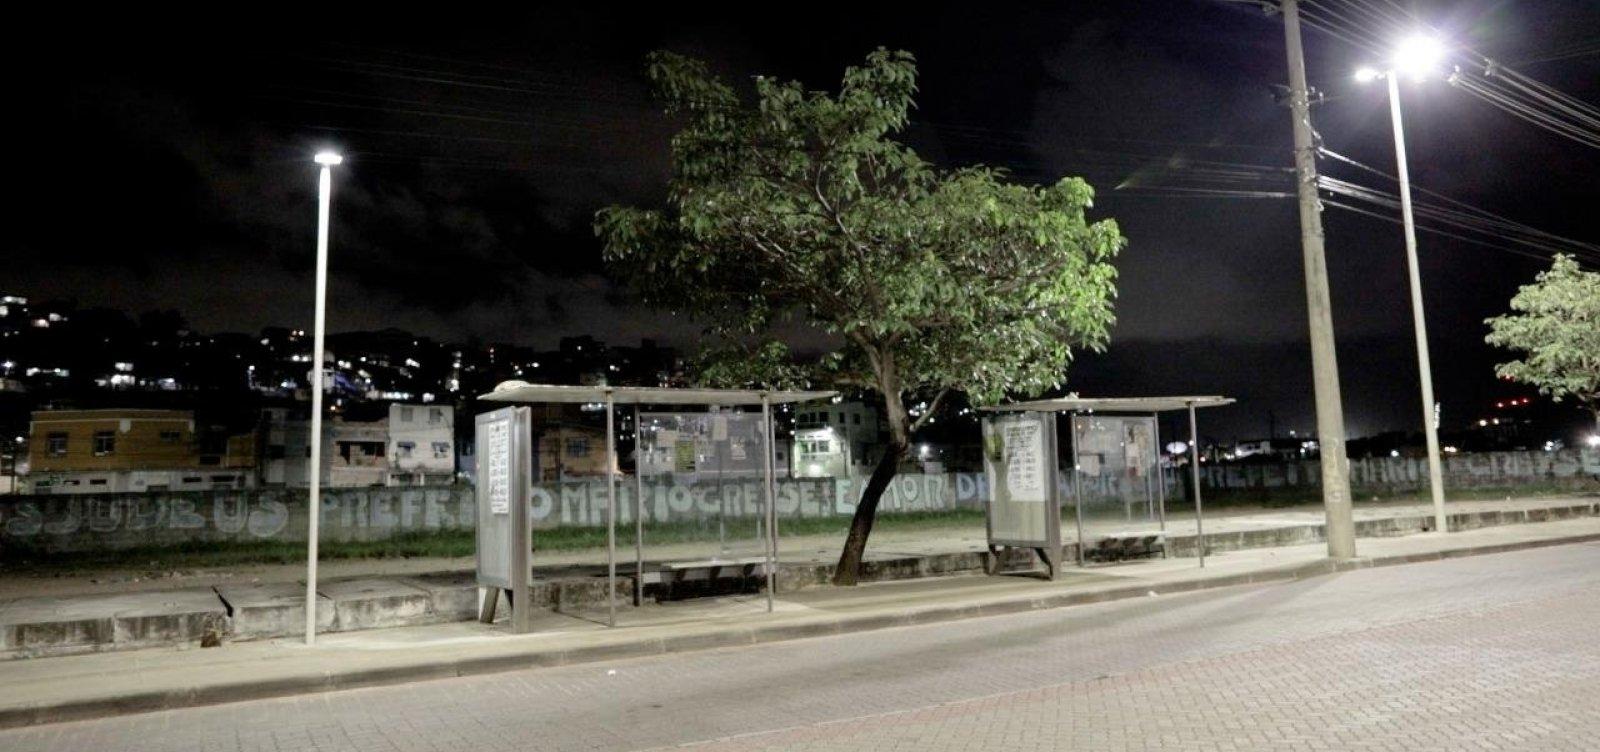 Projeto aposta em lâmpadas de LED em pontos de ônibus para inibir violência em Salvador